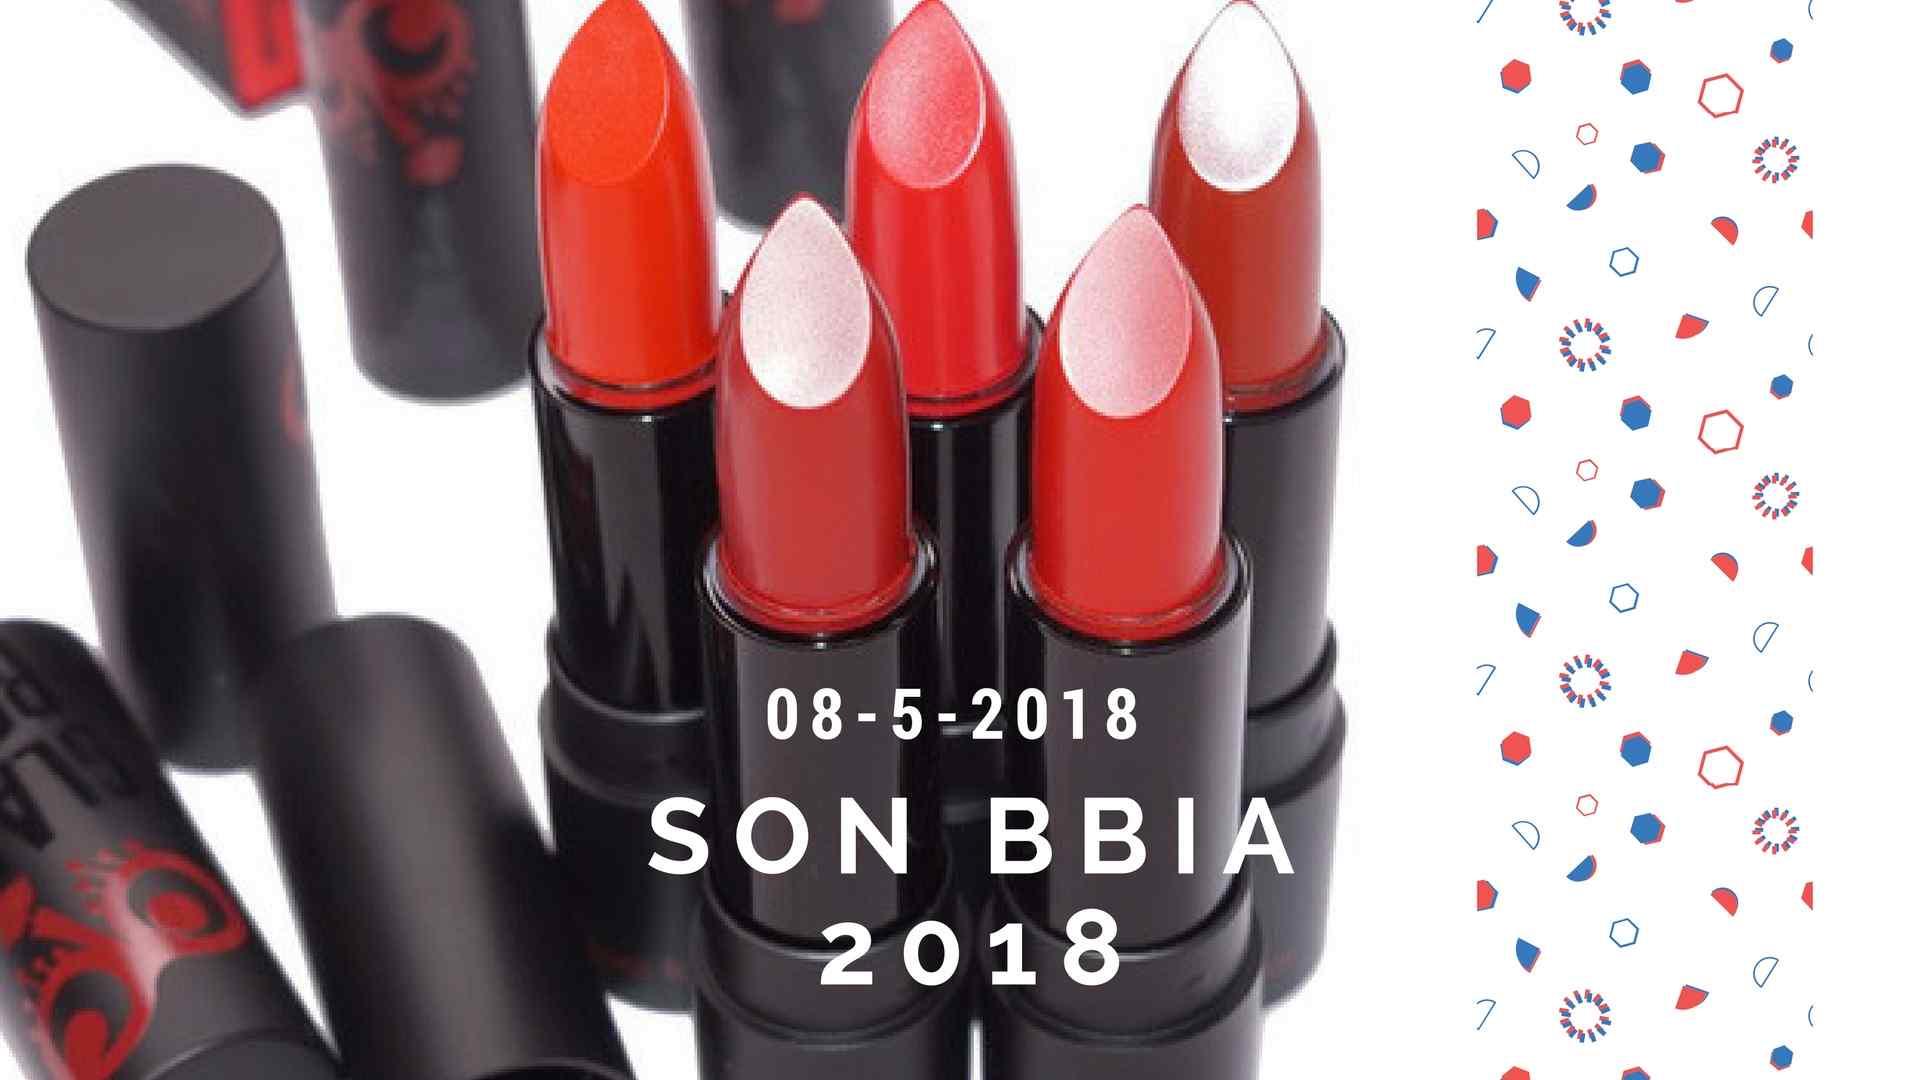 son-bbia-bia-compressed